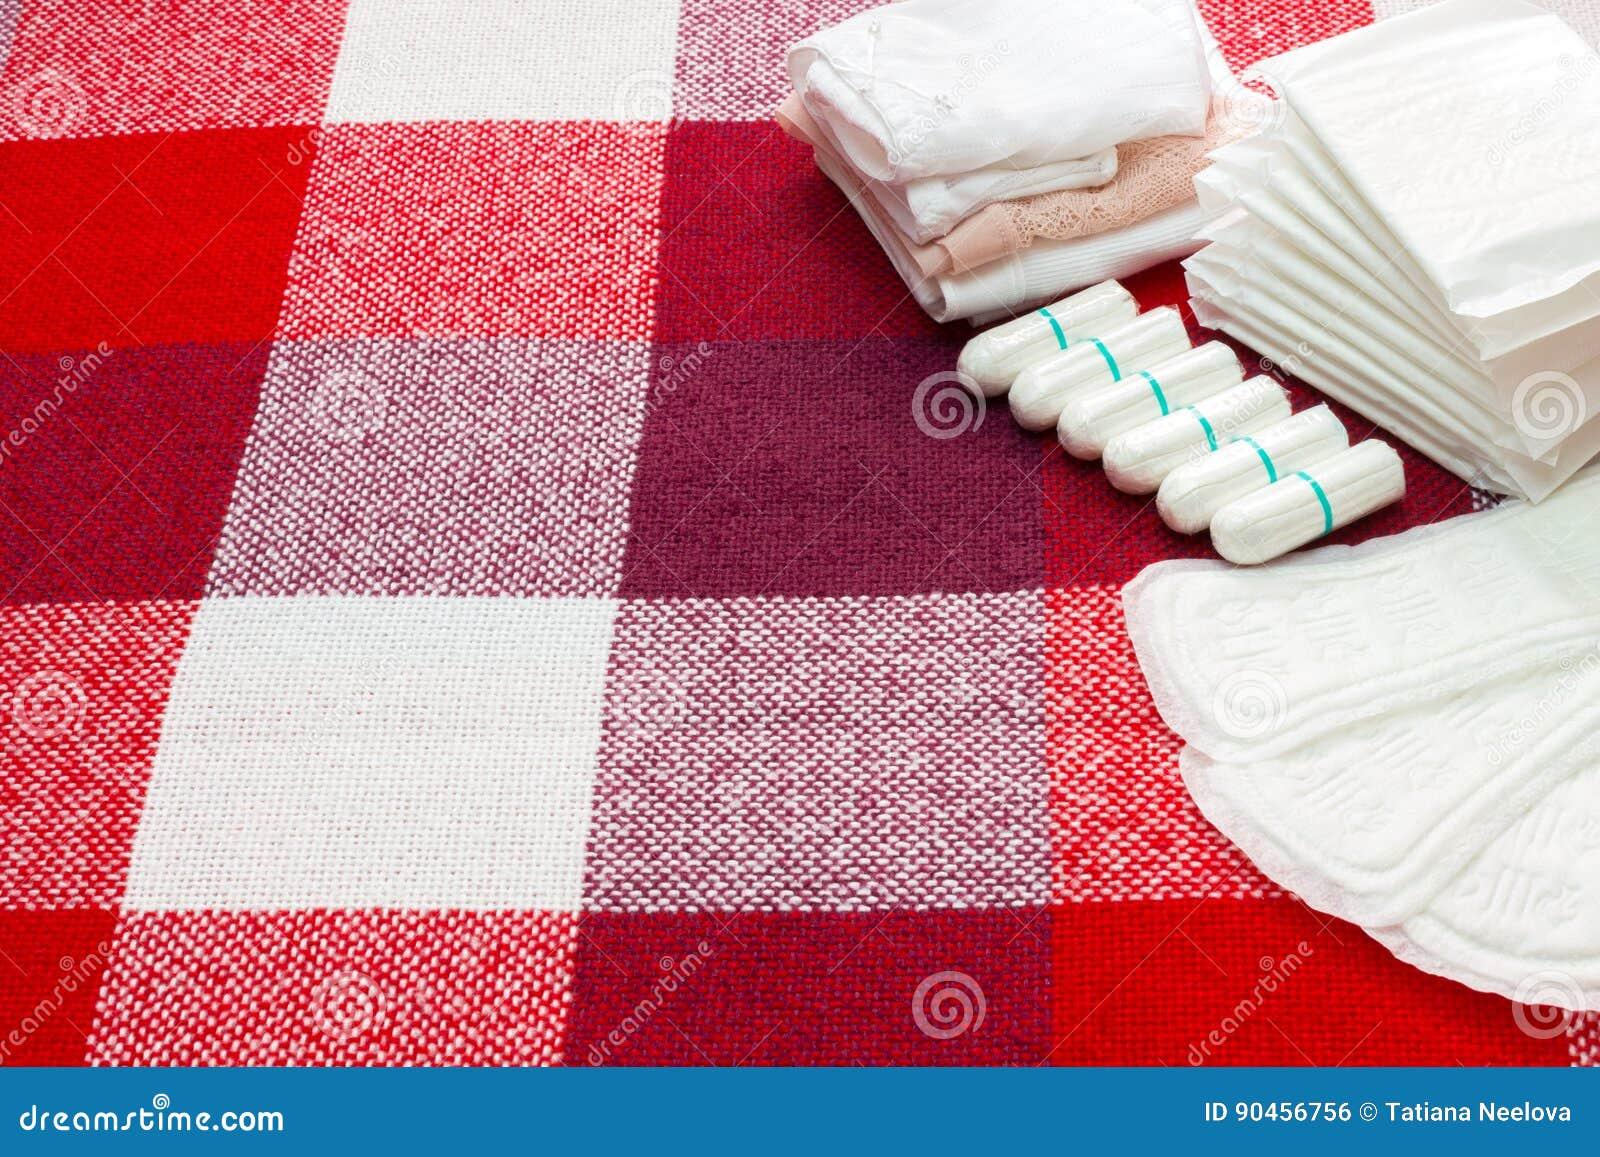 Concezione medica Tamponi del cuscinetto sanitario e del cotone di mestruazione per protezione di igiene della donna Protezione t